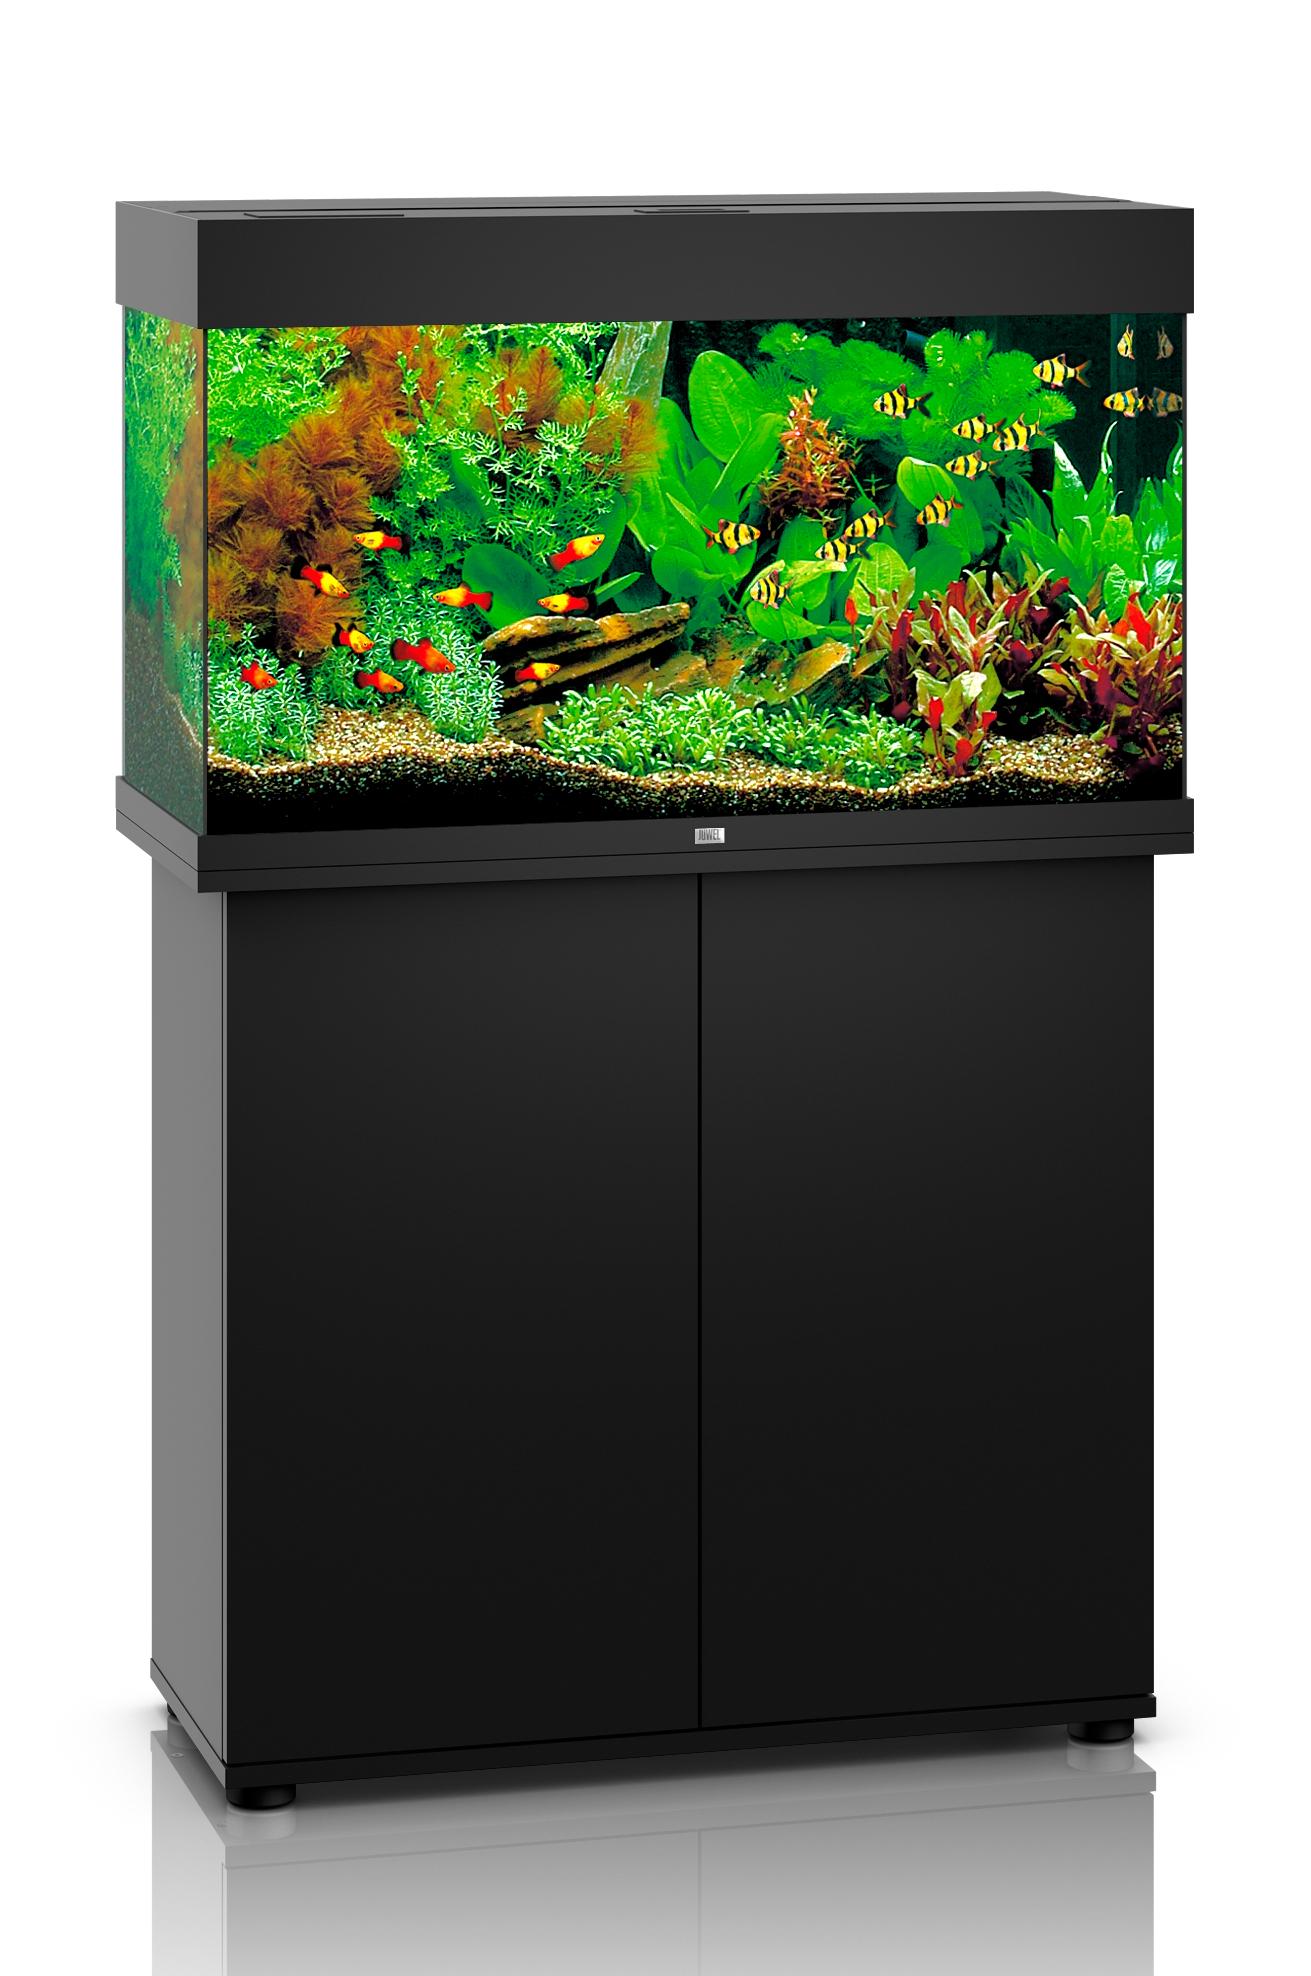 akvarium svart rio 125 led juwel juwel svart m bler akvarier akvaristik sortiment gibbon. Black Bedroom Furniture Sets. Home Design Ideas